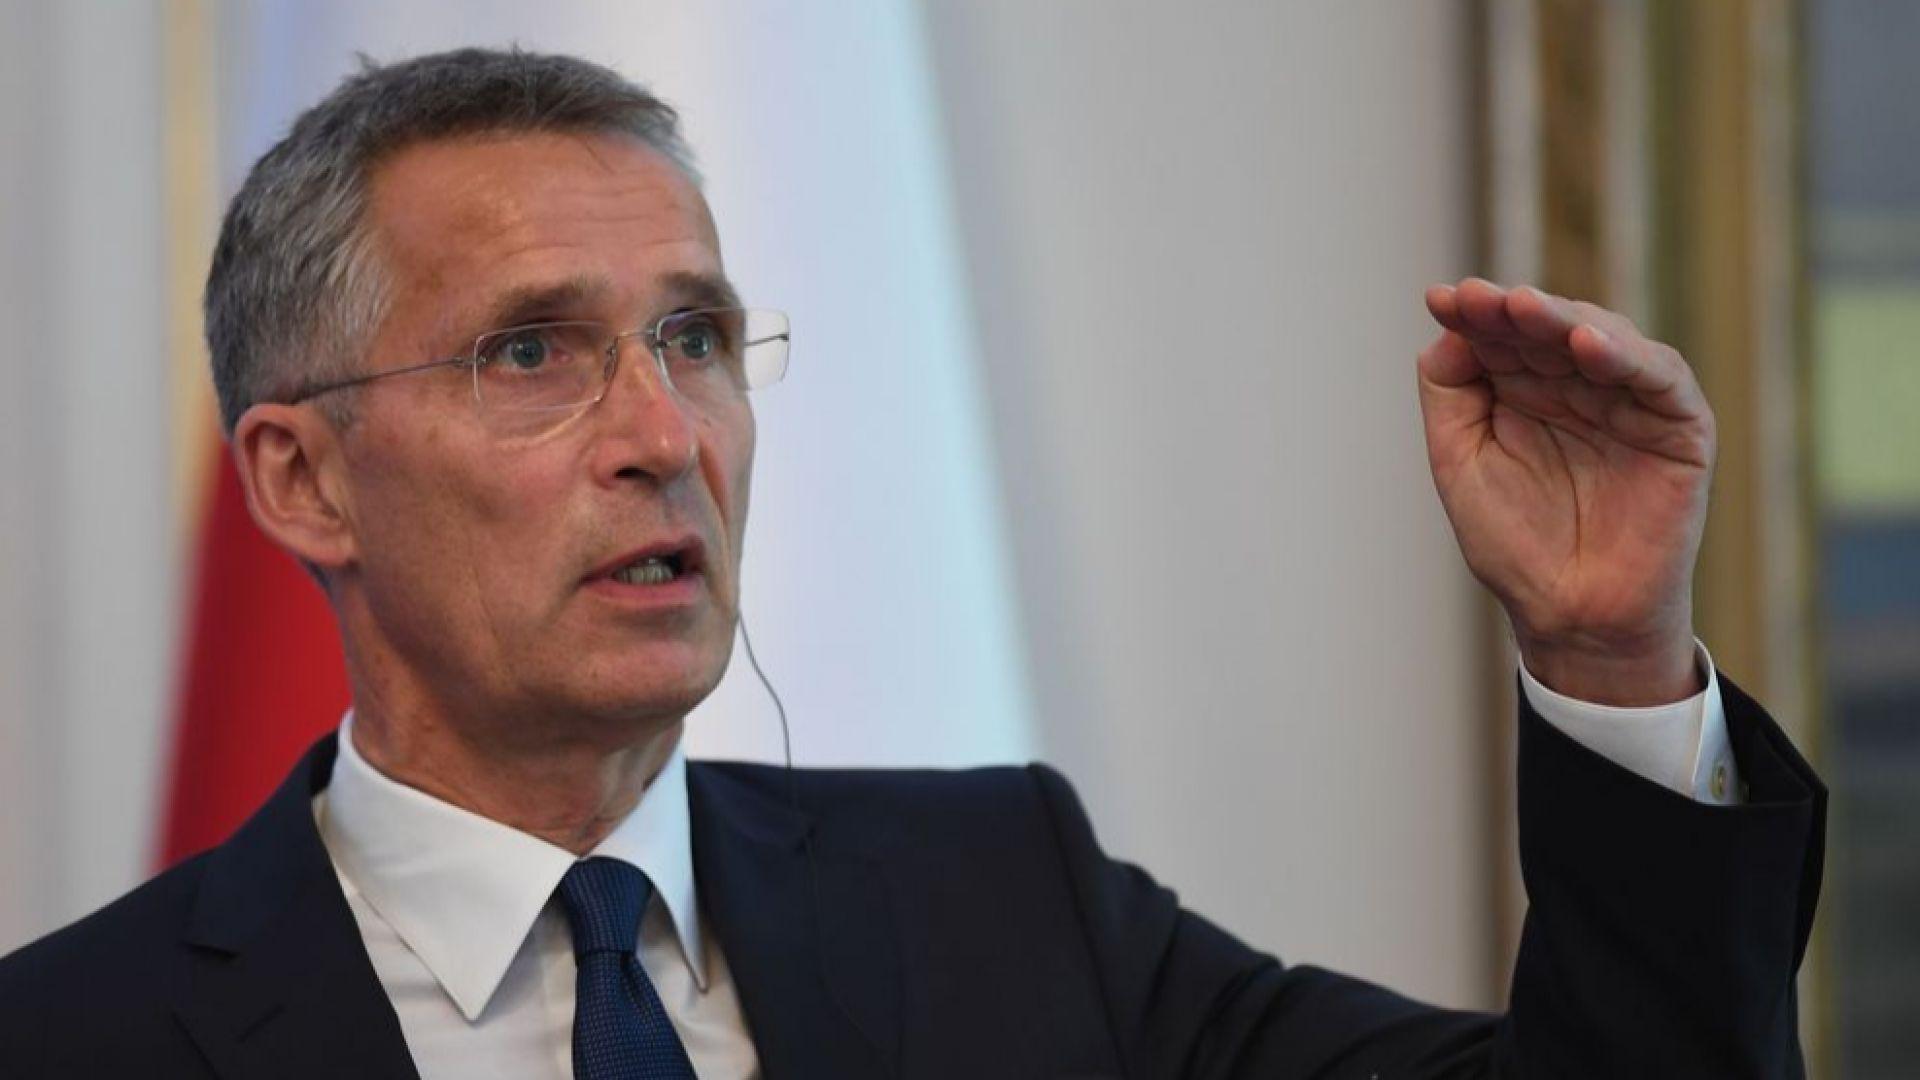 Шефът на НАТО за армия на ЕС: Не одобряваме паралелни структури